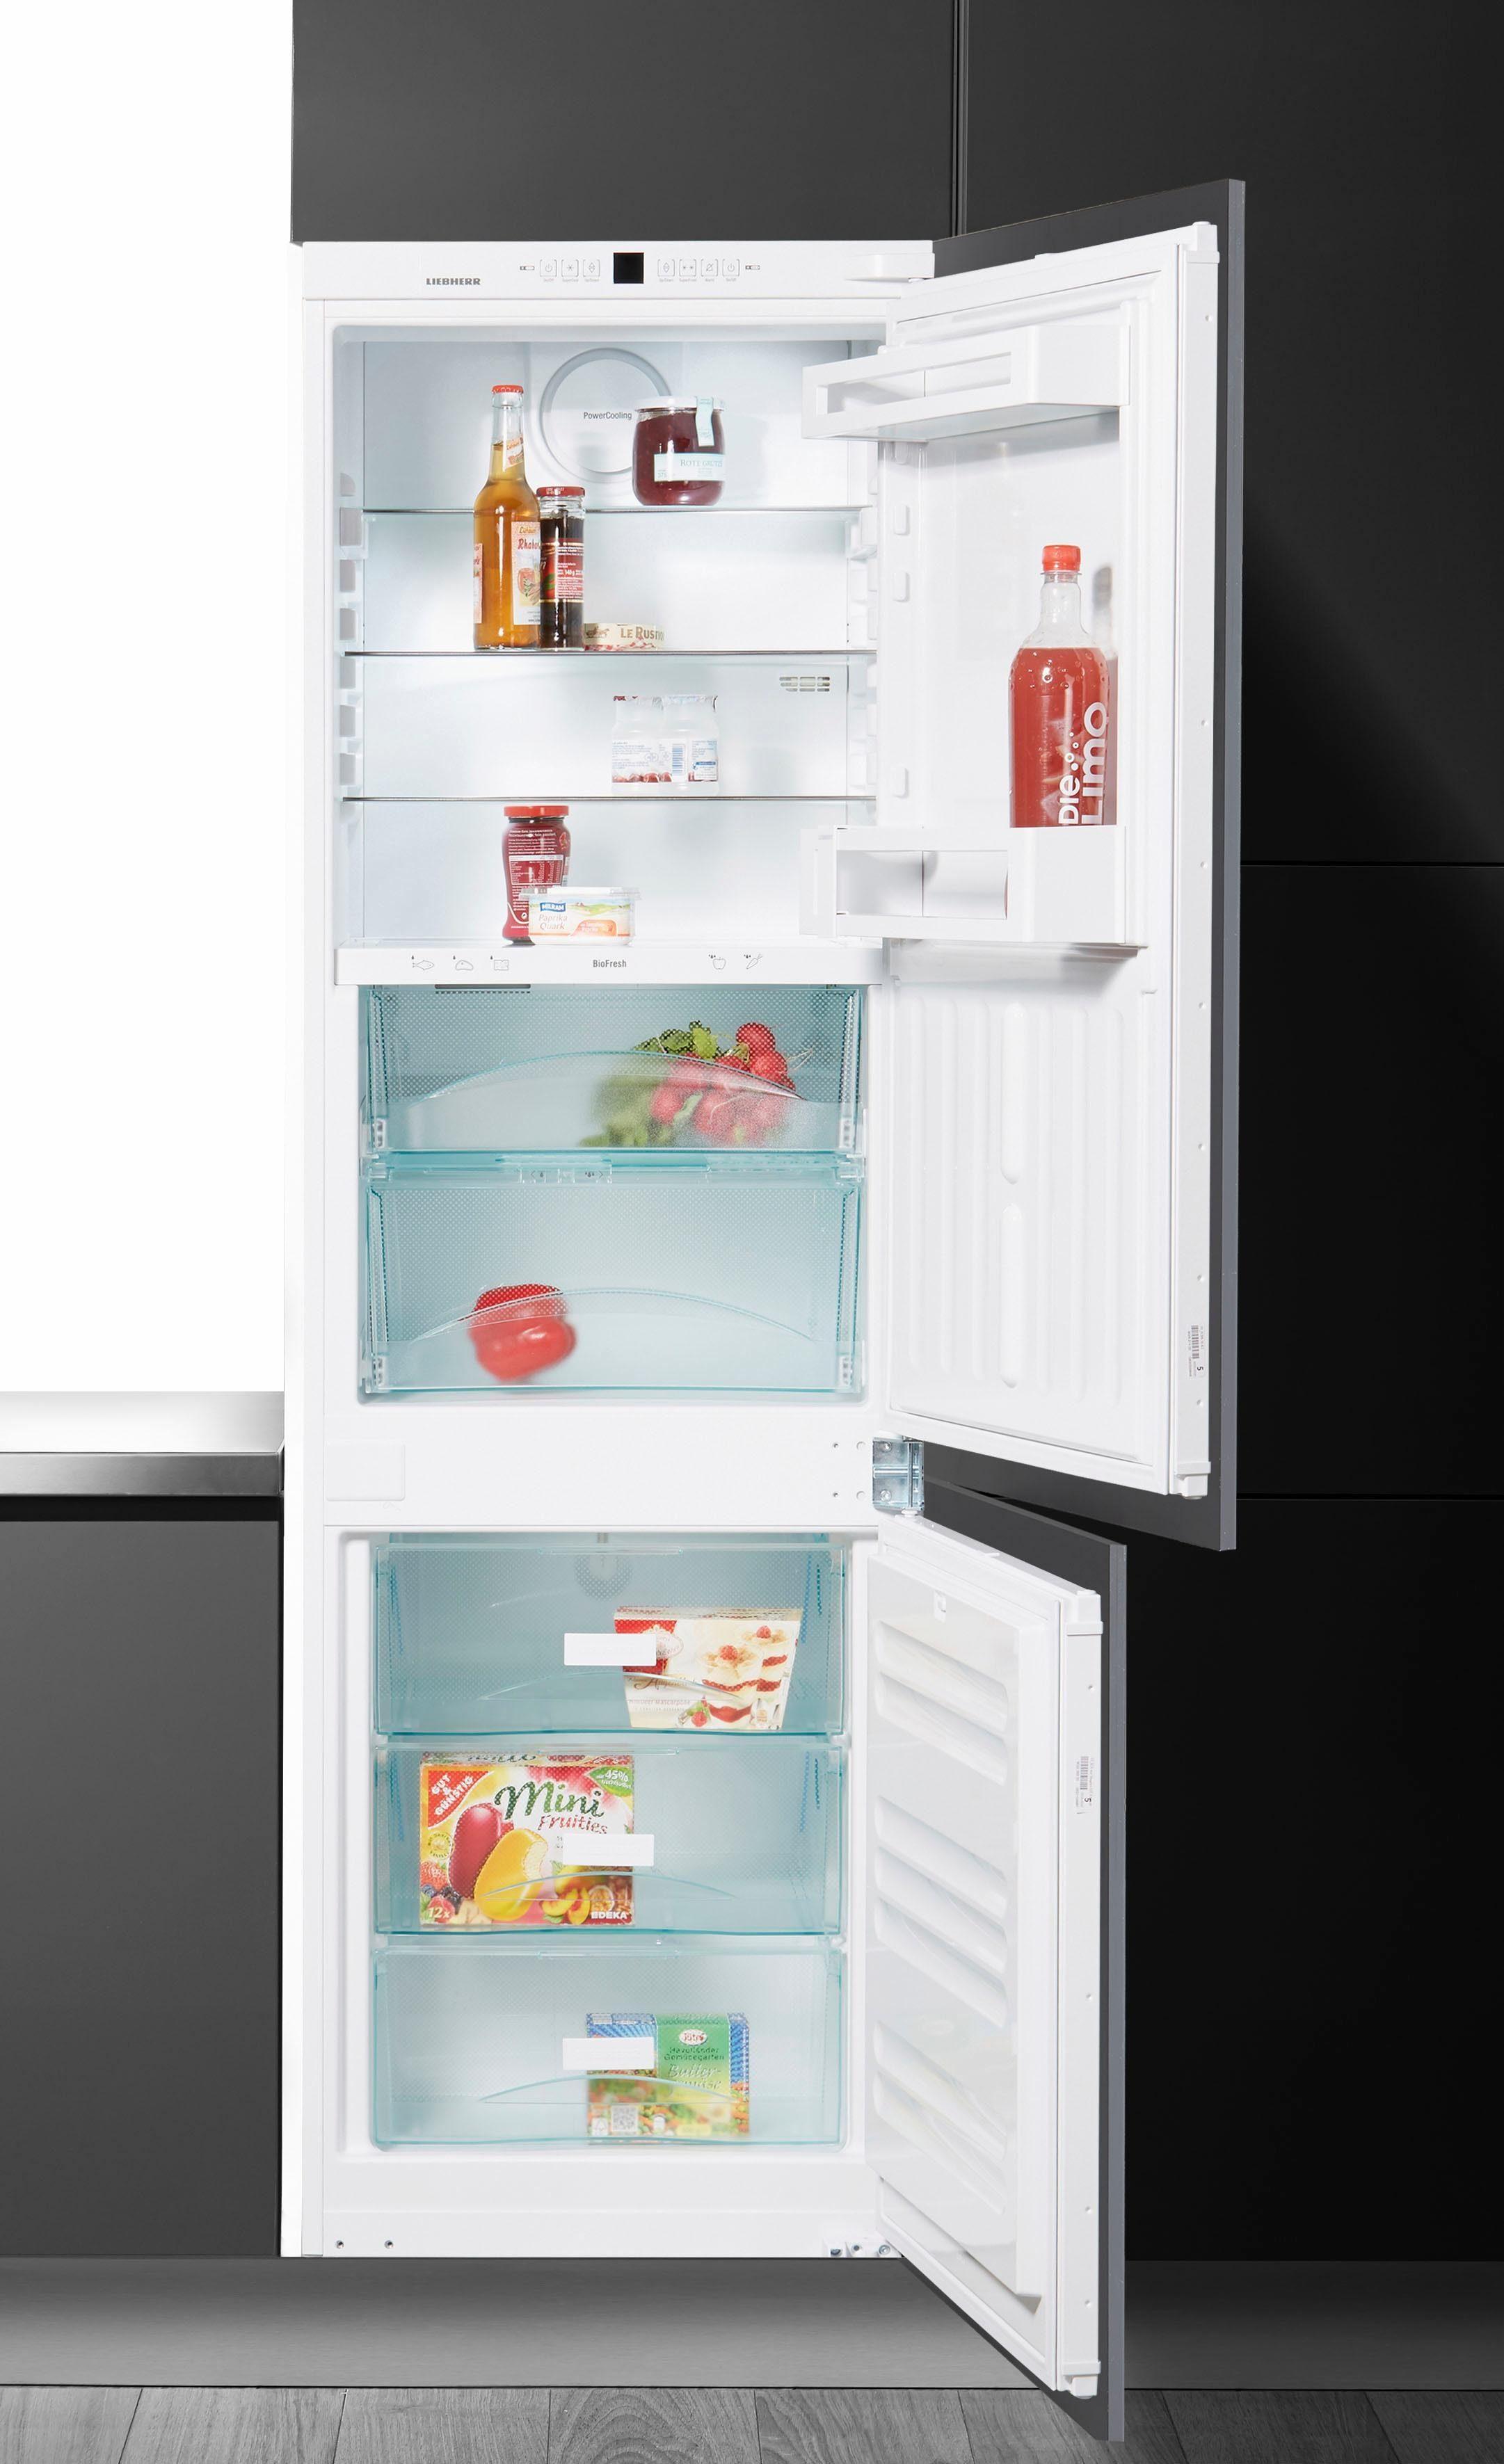 Liebherr Einbaukühlschrank ICBS3324-20, 177 cm hoch, 54,5 cm breit, Energieeffizienzklasse A++, 177 cm hoch